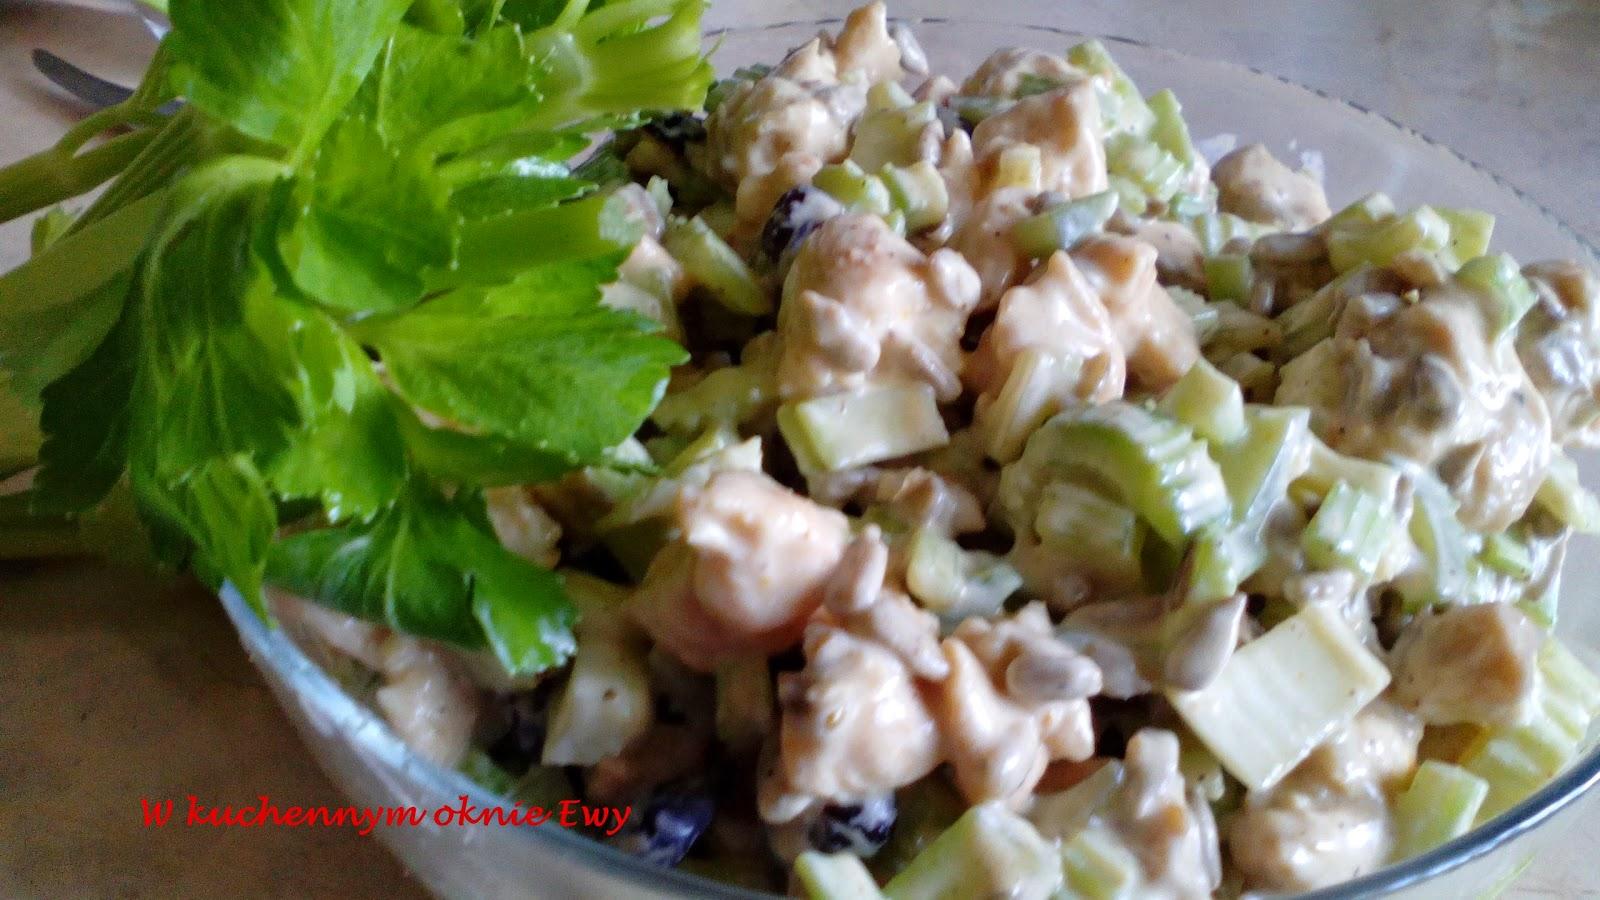 W kuchennym oknie salatki